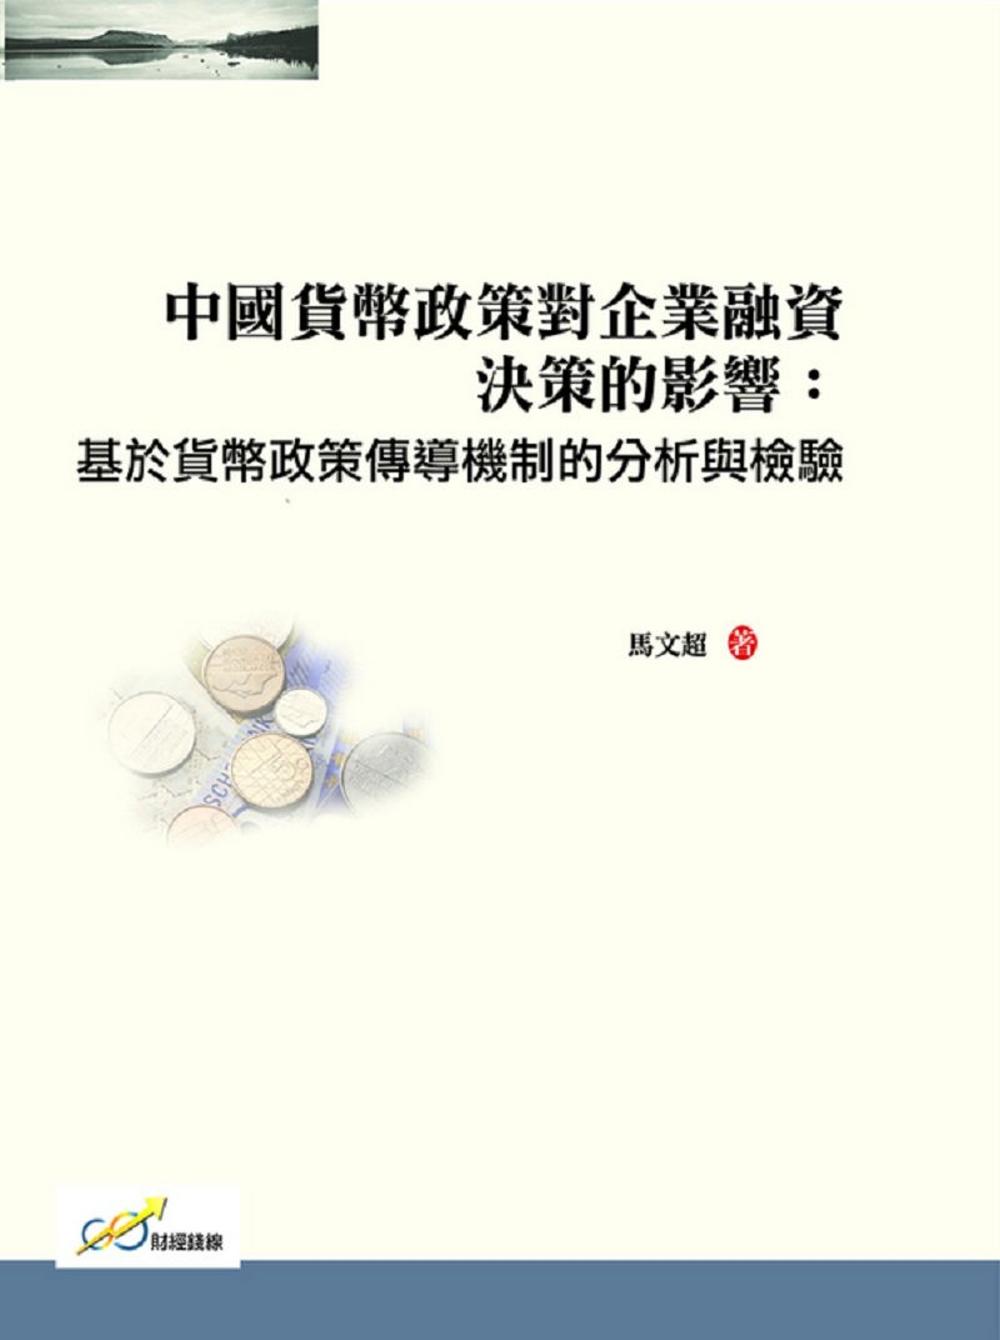 中國貨幣政策對企業融資決策的影響:基於貨幣政策傳導機制的分析與檢驗